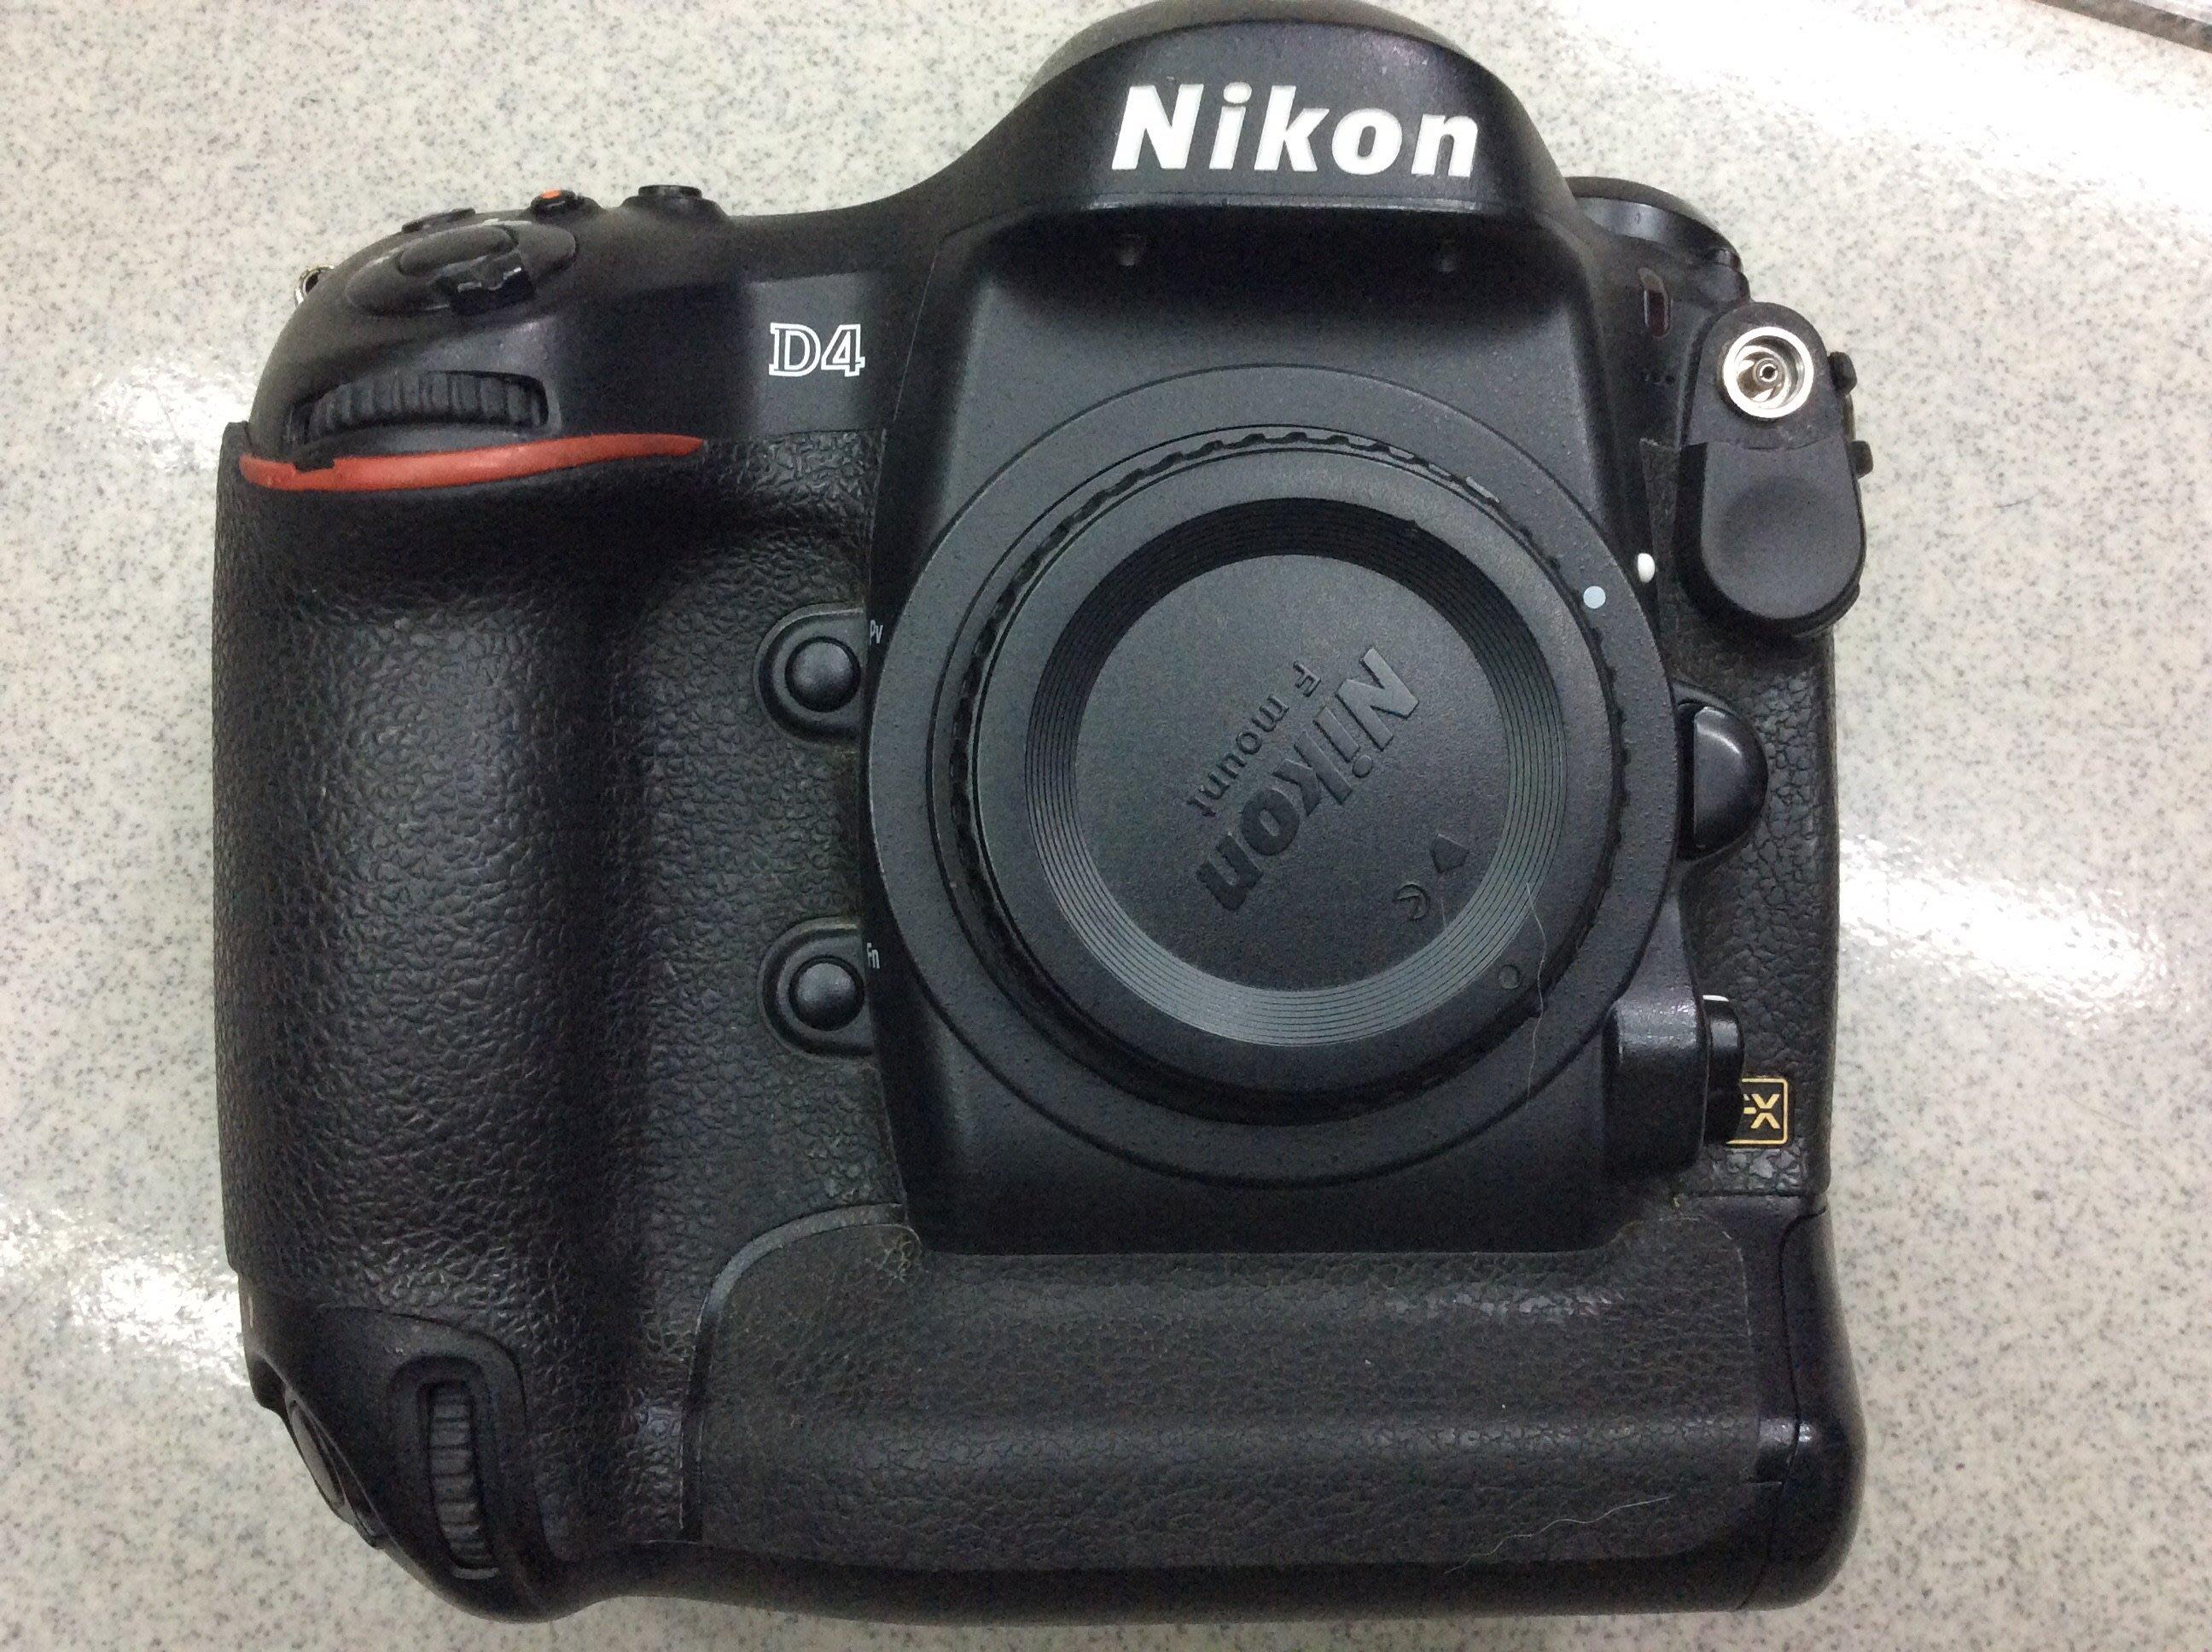 【明豐相機維修】NiKON D4 單眼相機 十字功能鍵 維修服務 更換 D4S D2X